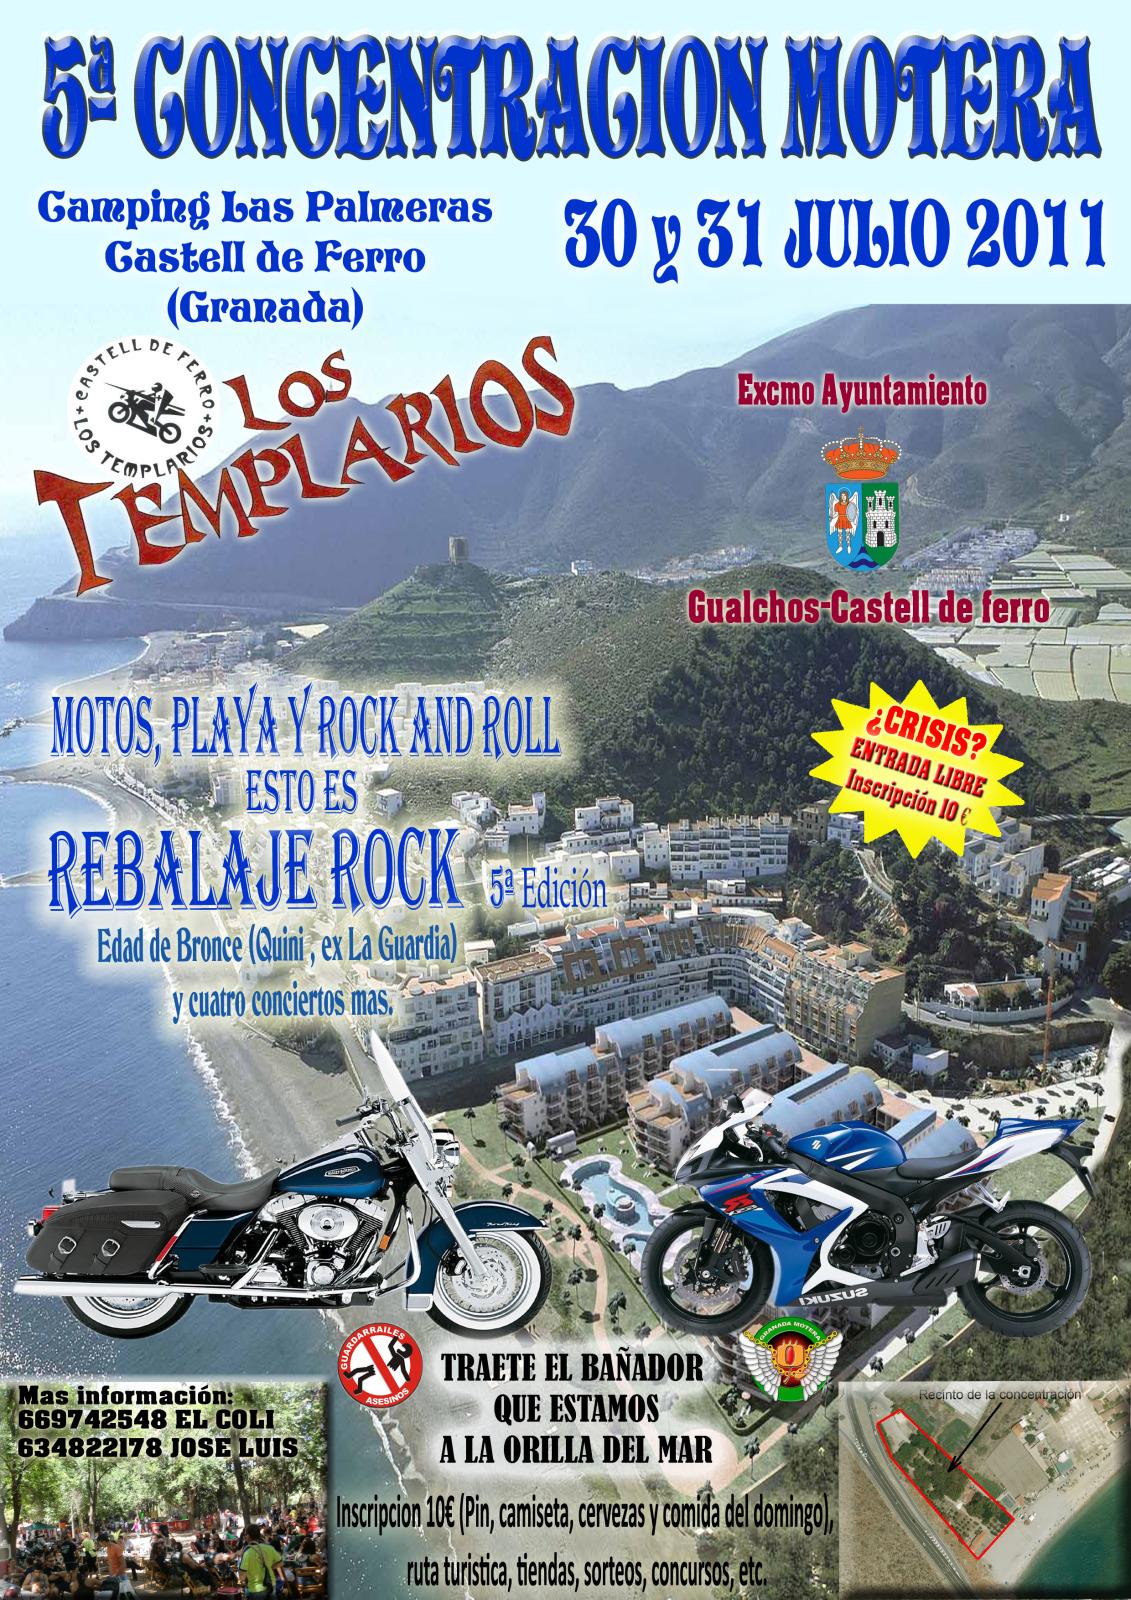 http://3.bp.blogspot.com/-OA3fVhtAlCk/TiahG5OKdpI/AAAAAAAAANI/ES6s9PF9hD0/s1600/concentracion+Templarios.jpg